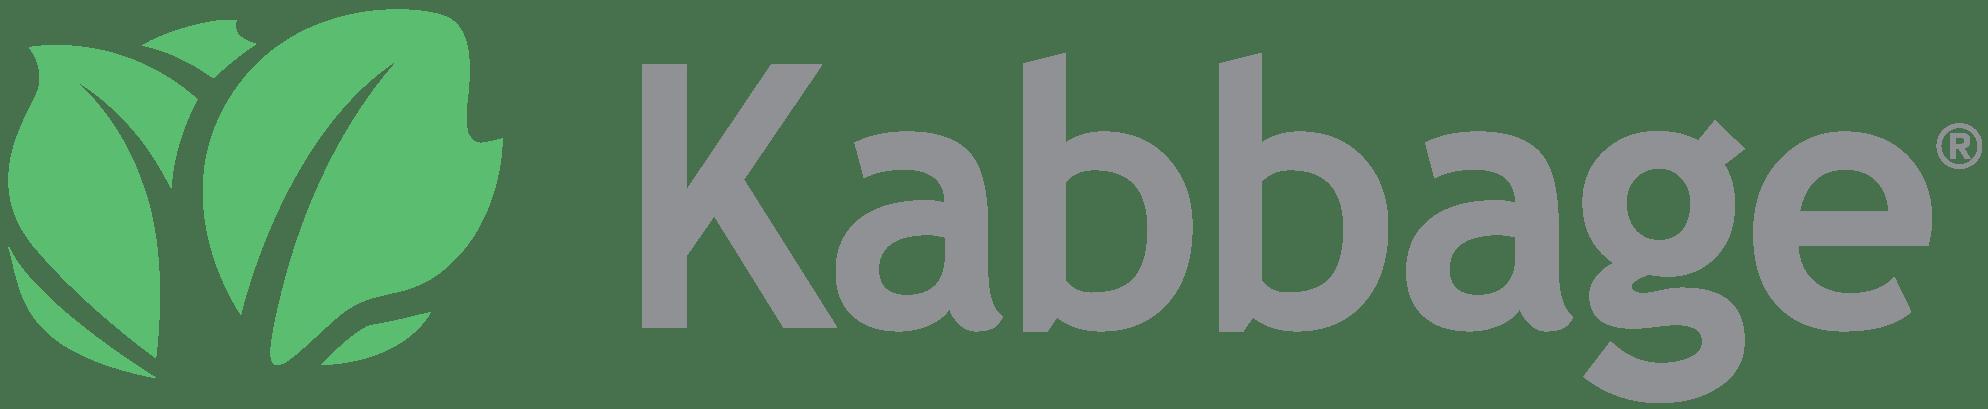 kabbagelogohorizontal_transparent-1